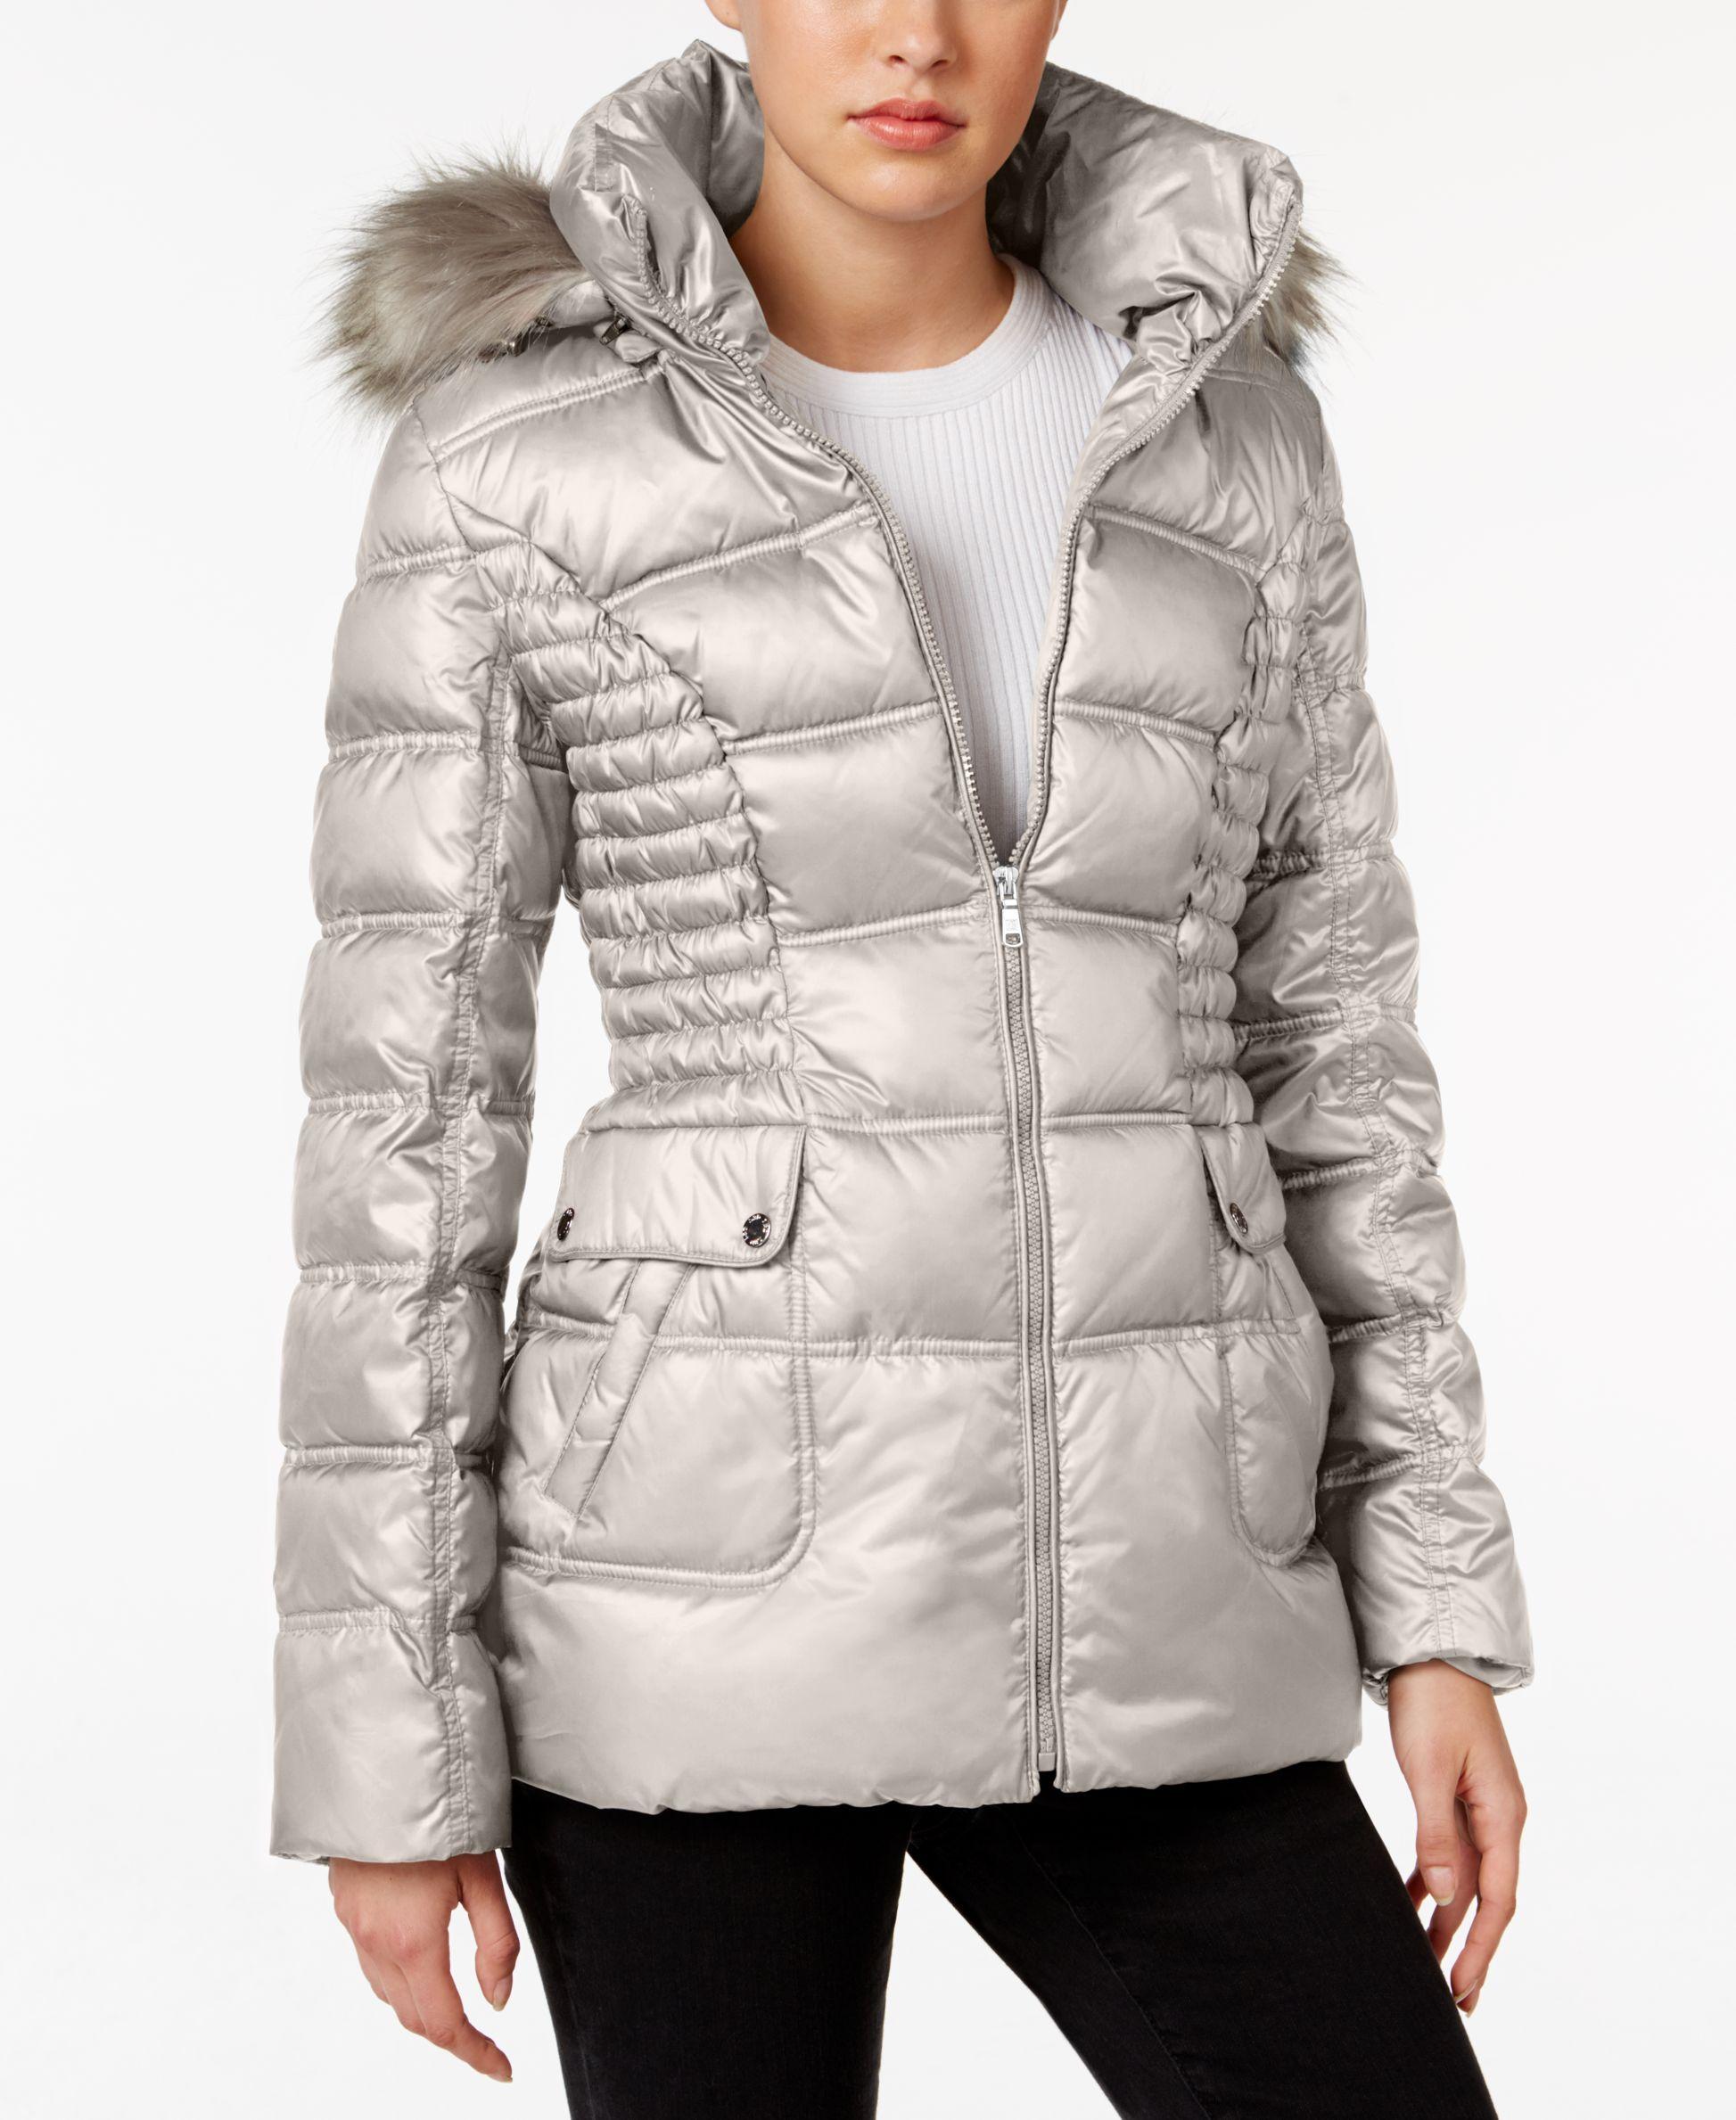 Laundry By Design Faux Fur Trim Quilted Puffer Coat Verhnyaya Odezhda Dlya Zhenshin Puhoviki Kurtka